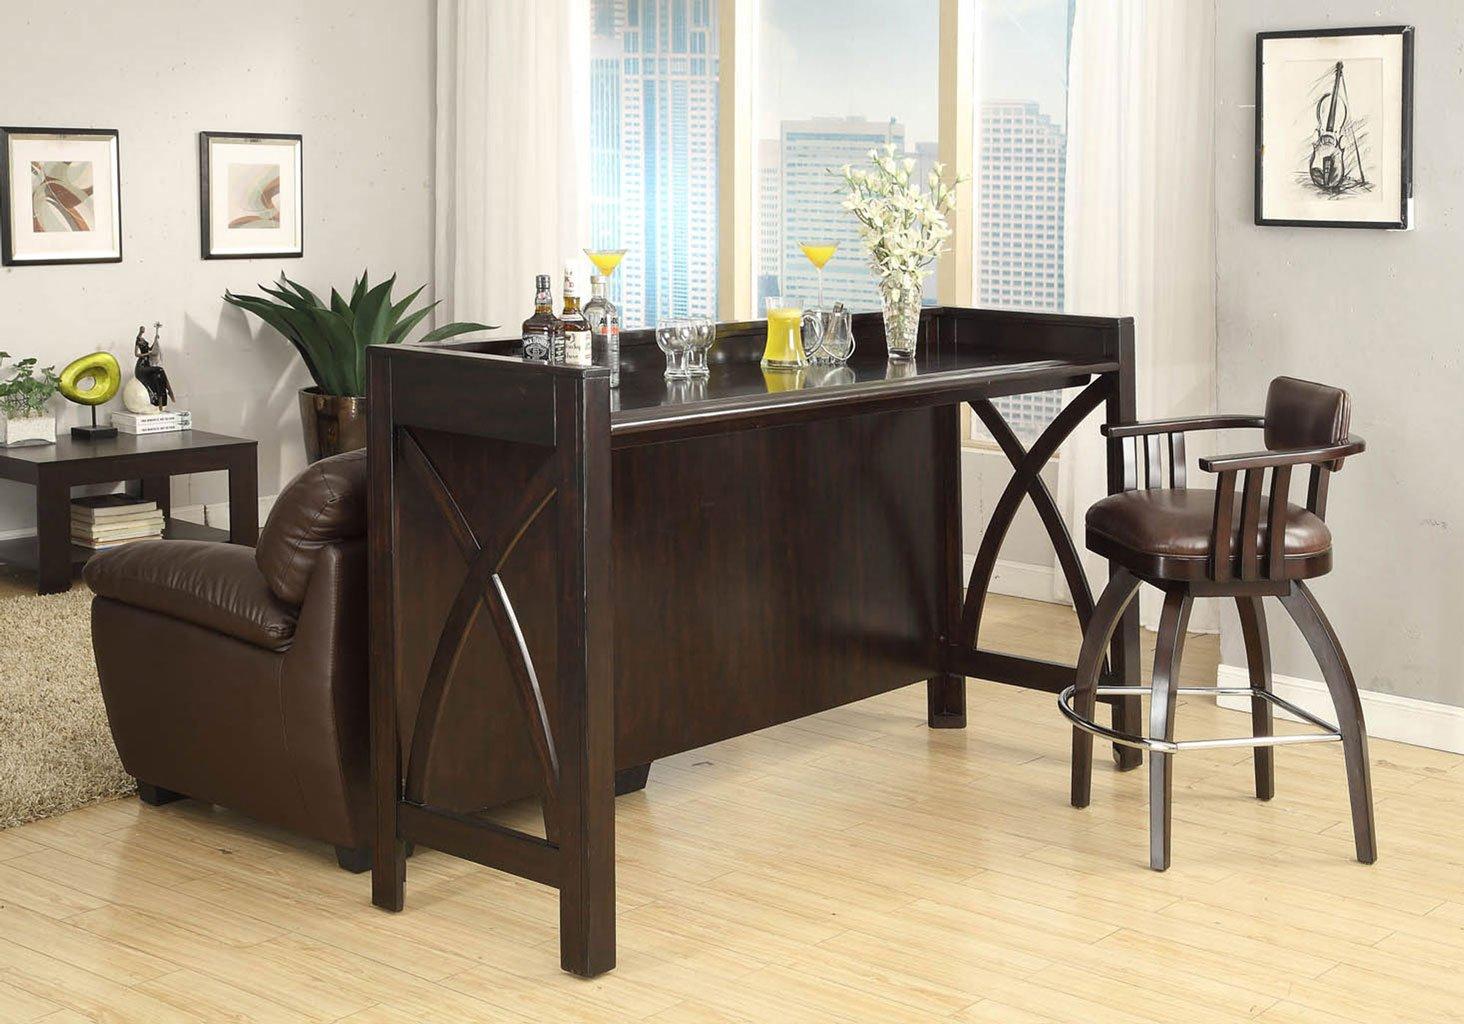 Espresso Home Theatre Bar Set Eci Furniture Furniture Cart